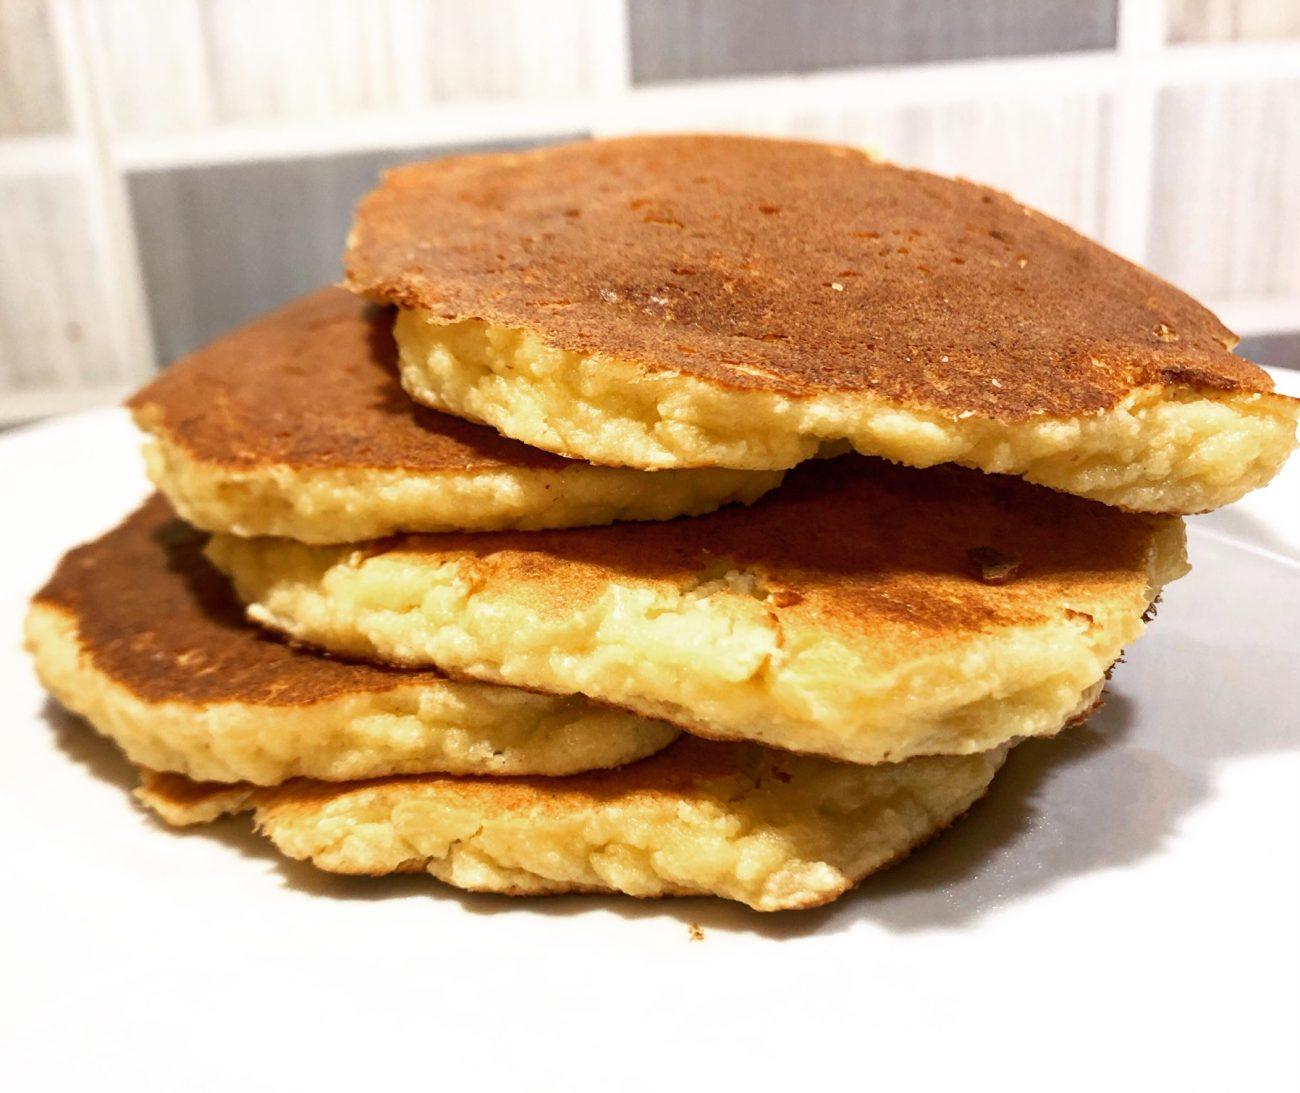 Pancakes χωρίς γλουτένη (low-carb & keto)